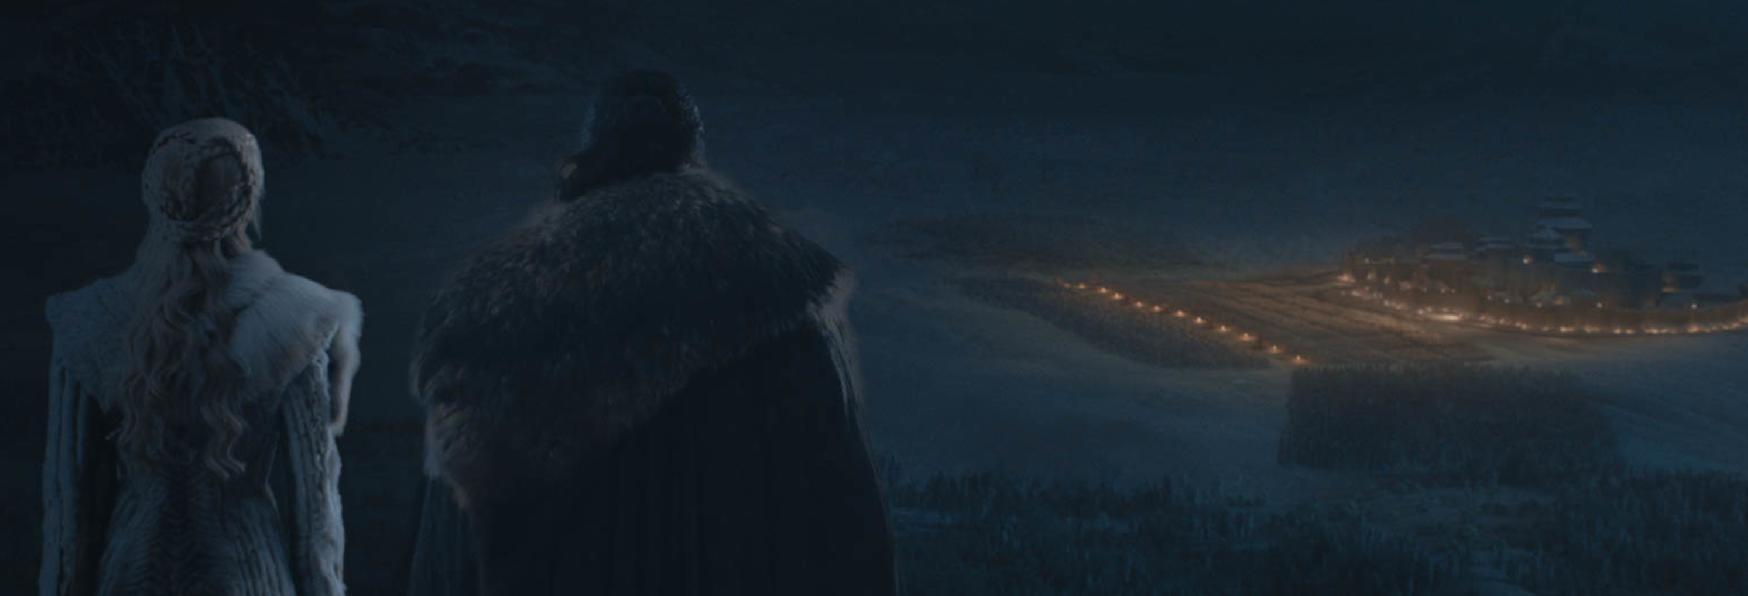 Game Of Thrones: Sapochnik avrebbe voluto Uccidere tutti i Personaggi durante la Battaglia di Grande Inverno